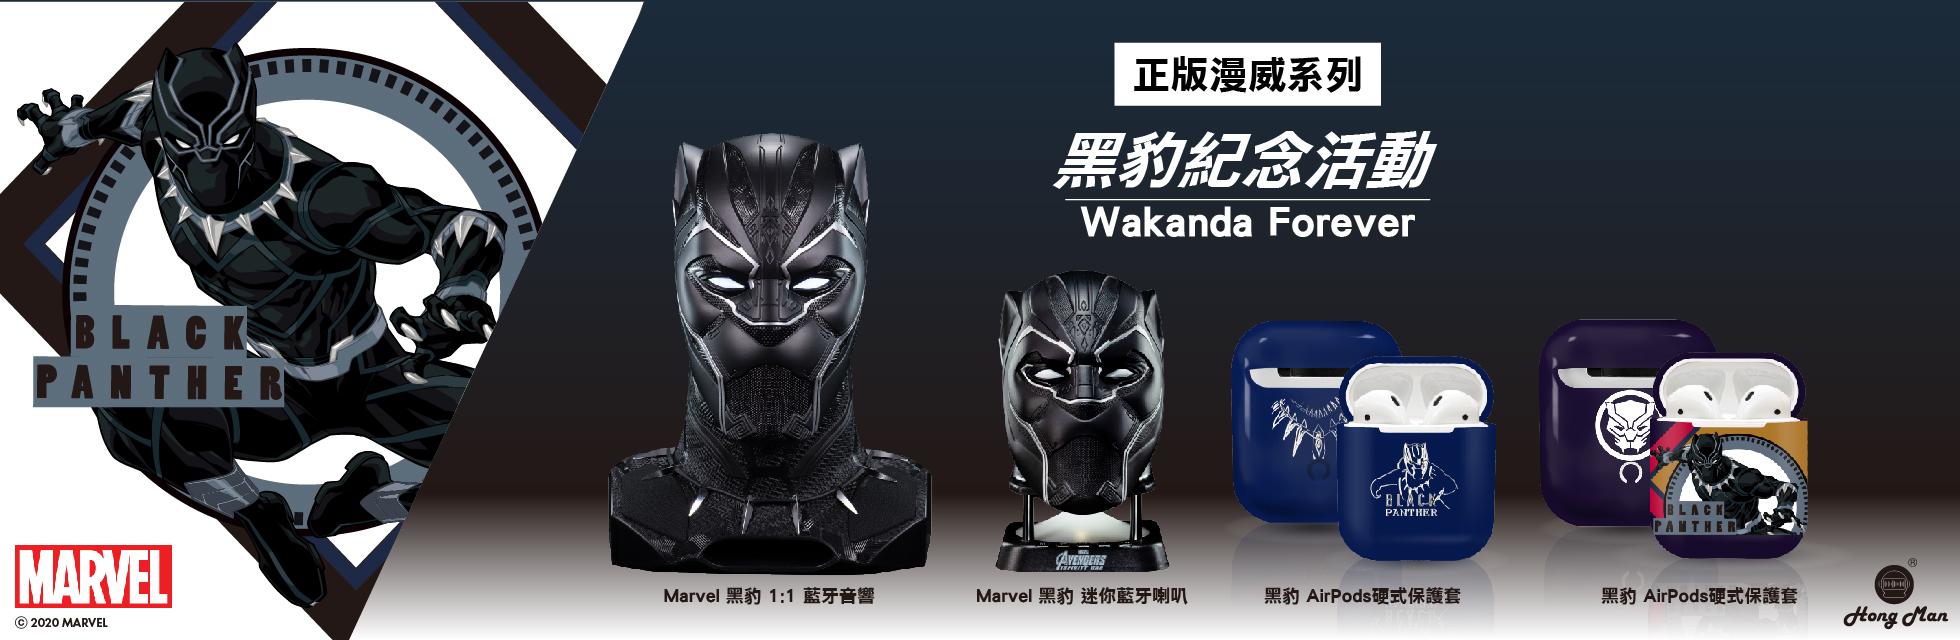 黑豹,black panther,marvel,漫威,藍牙音響,喇叭,airpods,case,保護殼,保護套